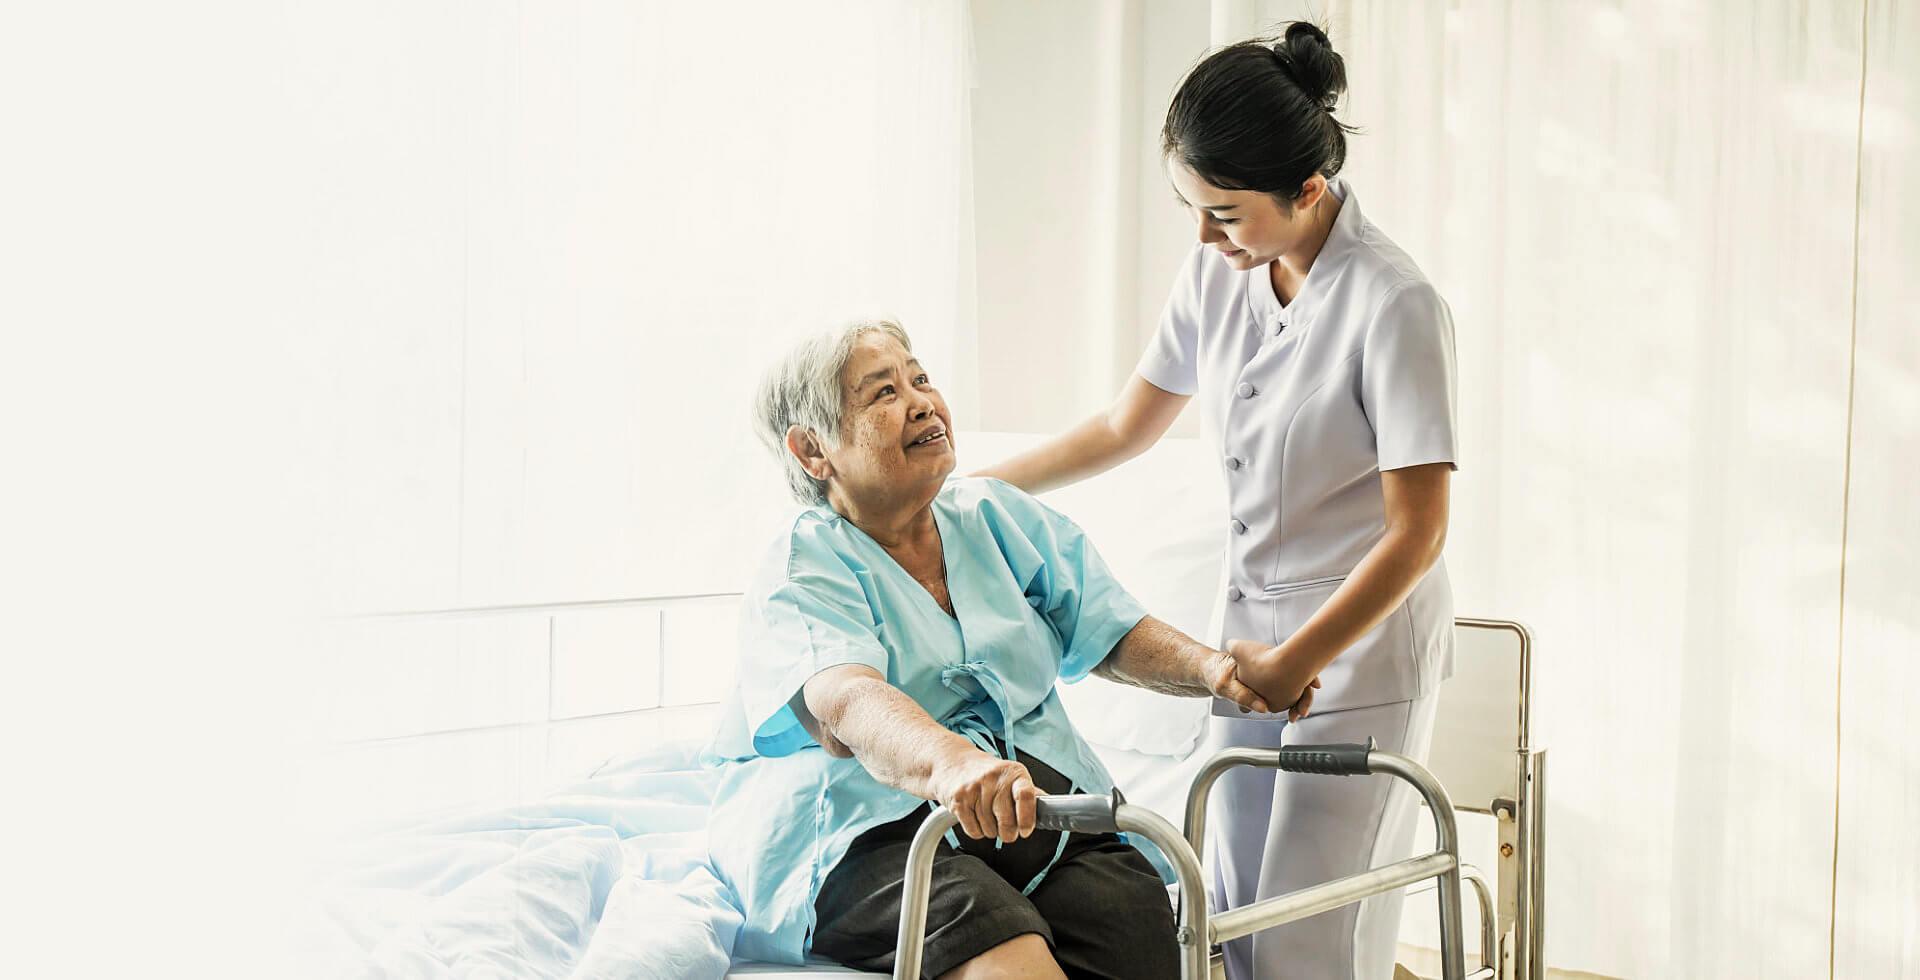 elder woman hospital accompanied by a nurse